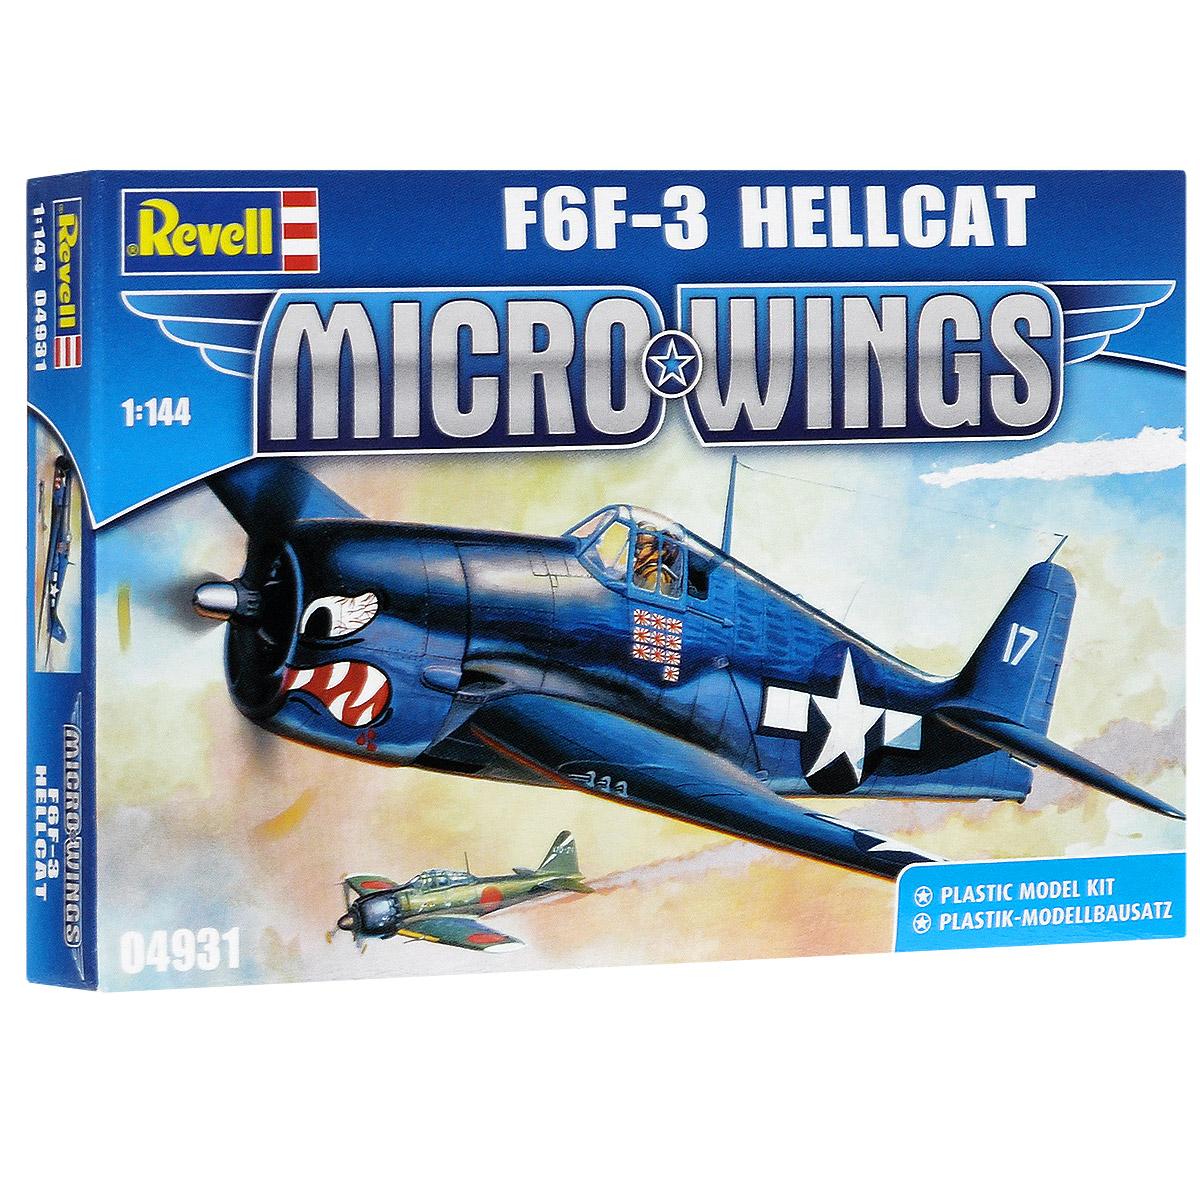 Сборная модель Revell Самолет F6F-3 Hellcat04931Сборная модель Revell Самолет F6F-3 Hellcat поможет вам и вашему ребенку придумать увлекательное занятие на долгое время. Набор включает в себя 20 пластиковых элементов, из которых можно собрать достоверную уменьшенную копию одноименного самолета. Самолет F6F-3 Hellcat представляет собой глубокую модернизацию истребителя F4F Hellcat. В июне 1941 г. ВМС США заключили с фирмой Грумман договор о коренной модернизации Hellcat. Но в рамках задания создали фактически новый самолет с другой формой фюзеляжа, конструкцией шасси и более мощным двигателем. Производство F6F началось в январе 1943 года. Первый боевой вылет в августе 1943 года. По американским данным за два года боев на Тихом океане американские летчики на F6F сбили 5156 самолетов. На Hellcat летал Дэвид Маккэмпбелл, самый результативный ас ВМС США. Всего было выпущено 4423 истребителя, 1130 из них было передано ВВС Великобритании. Также в наборе схематичная инструкция по сборке. Процесс сборки...